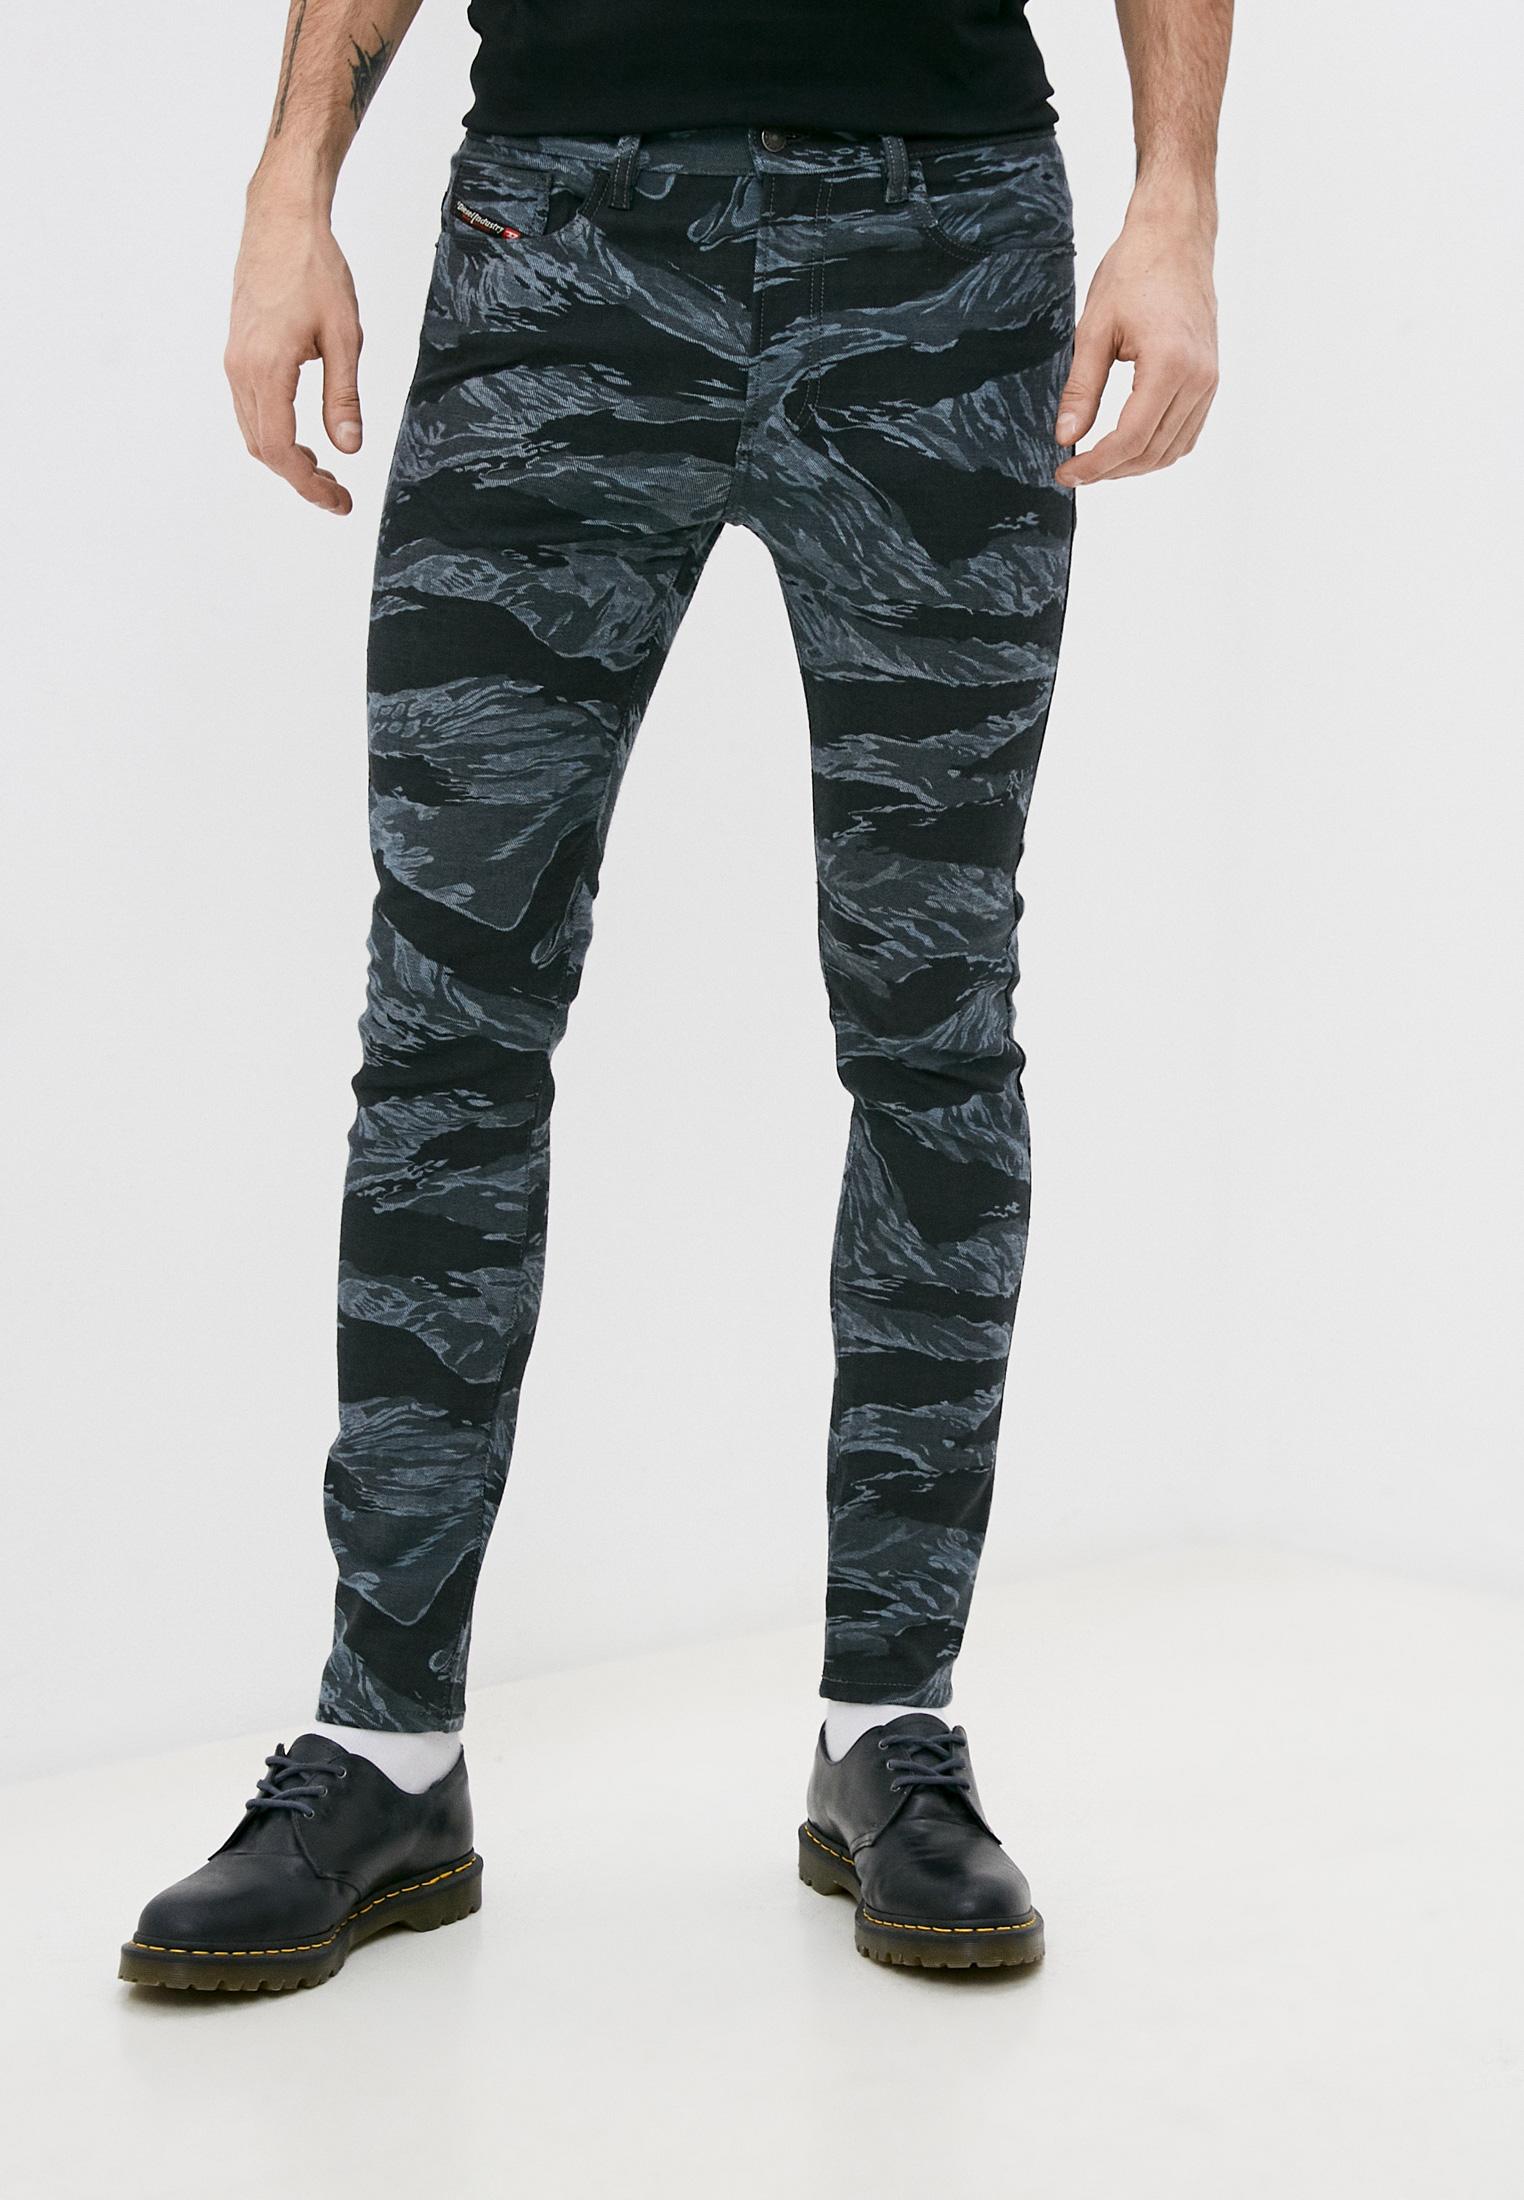 Мужские повседневные брюки Diesel (Дизель) Брюки Diesel